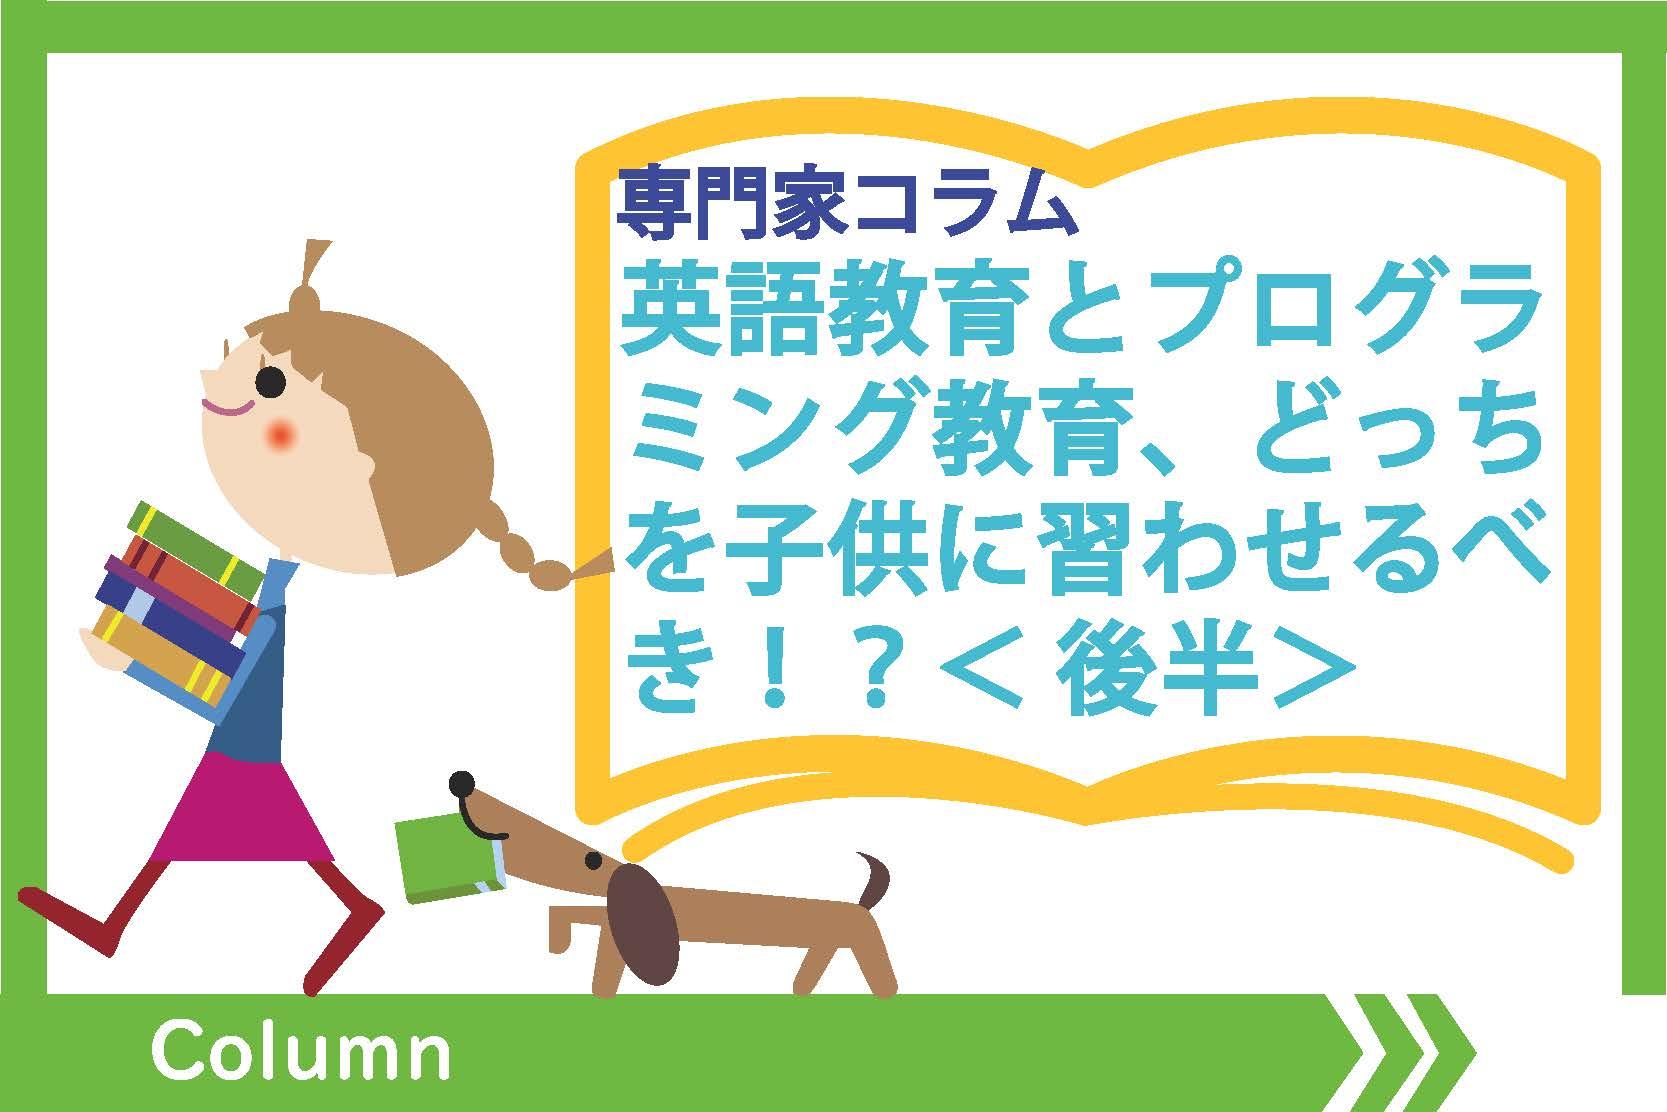 【専門家コラム】英語教育とプログラミング教育、どっちを子どもに習わせるべき!?< 後半>